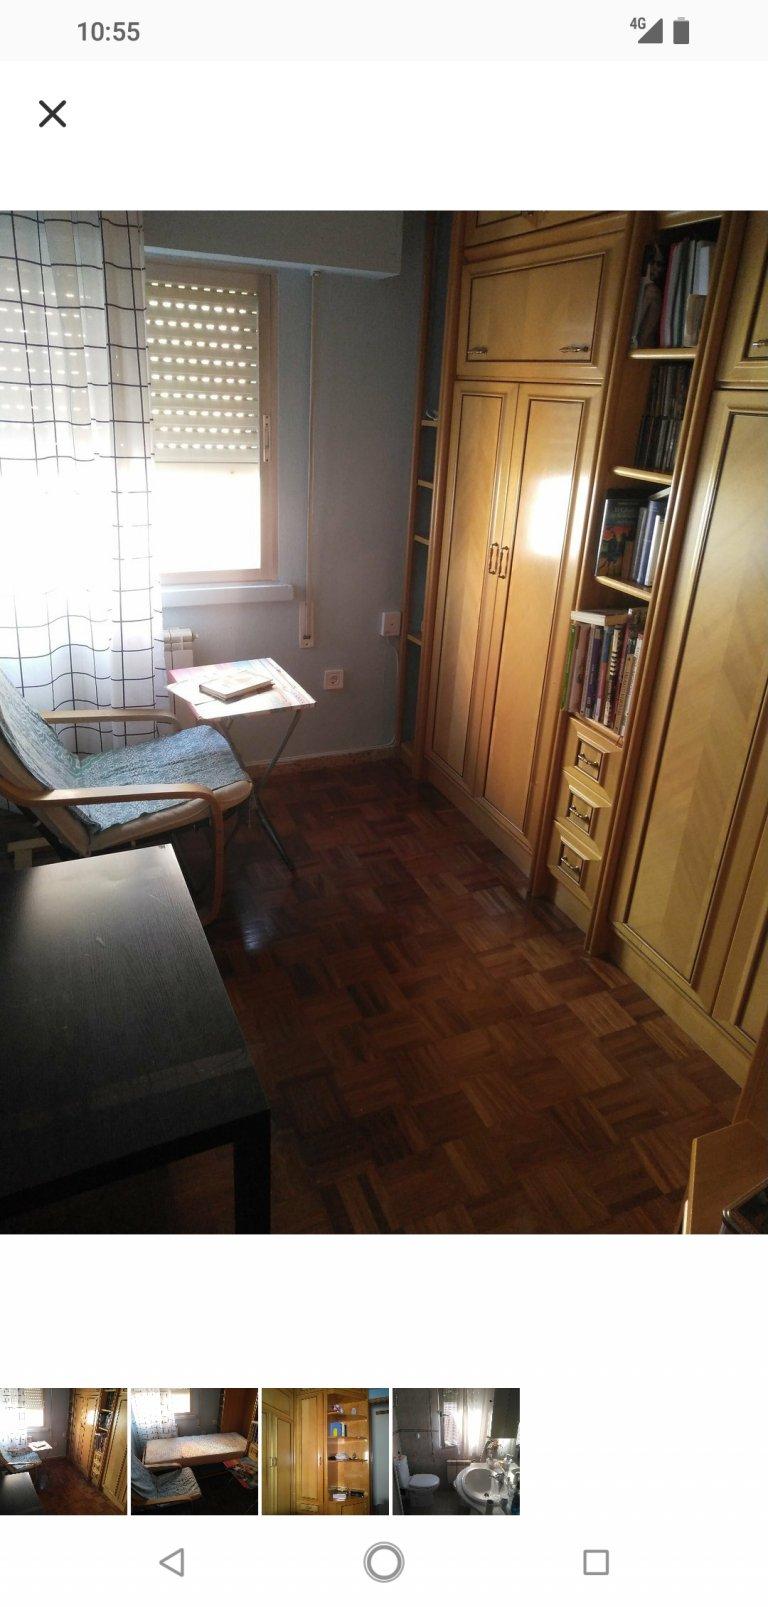 Pokój we wspólnym mieszkaniu w Móstoles